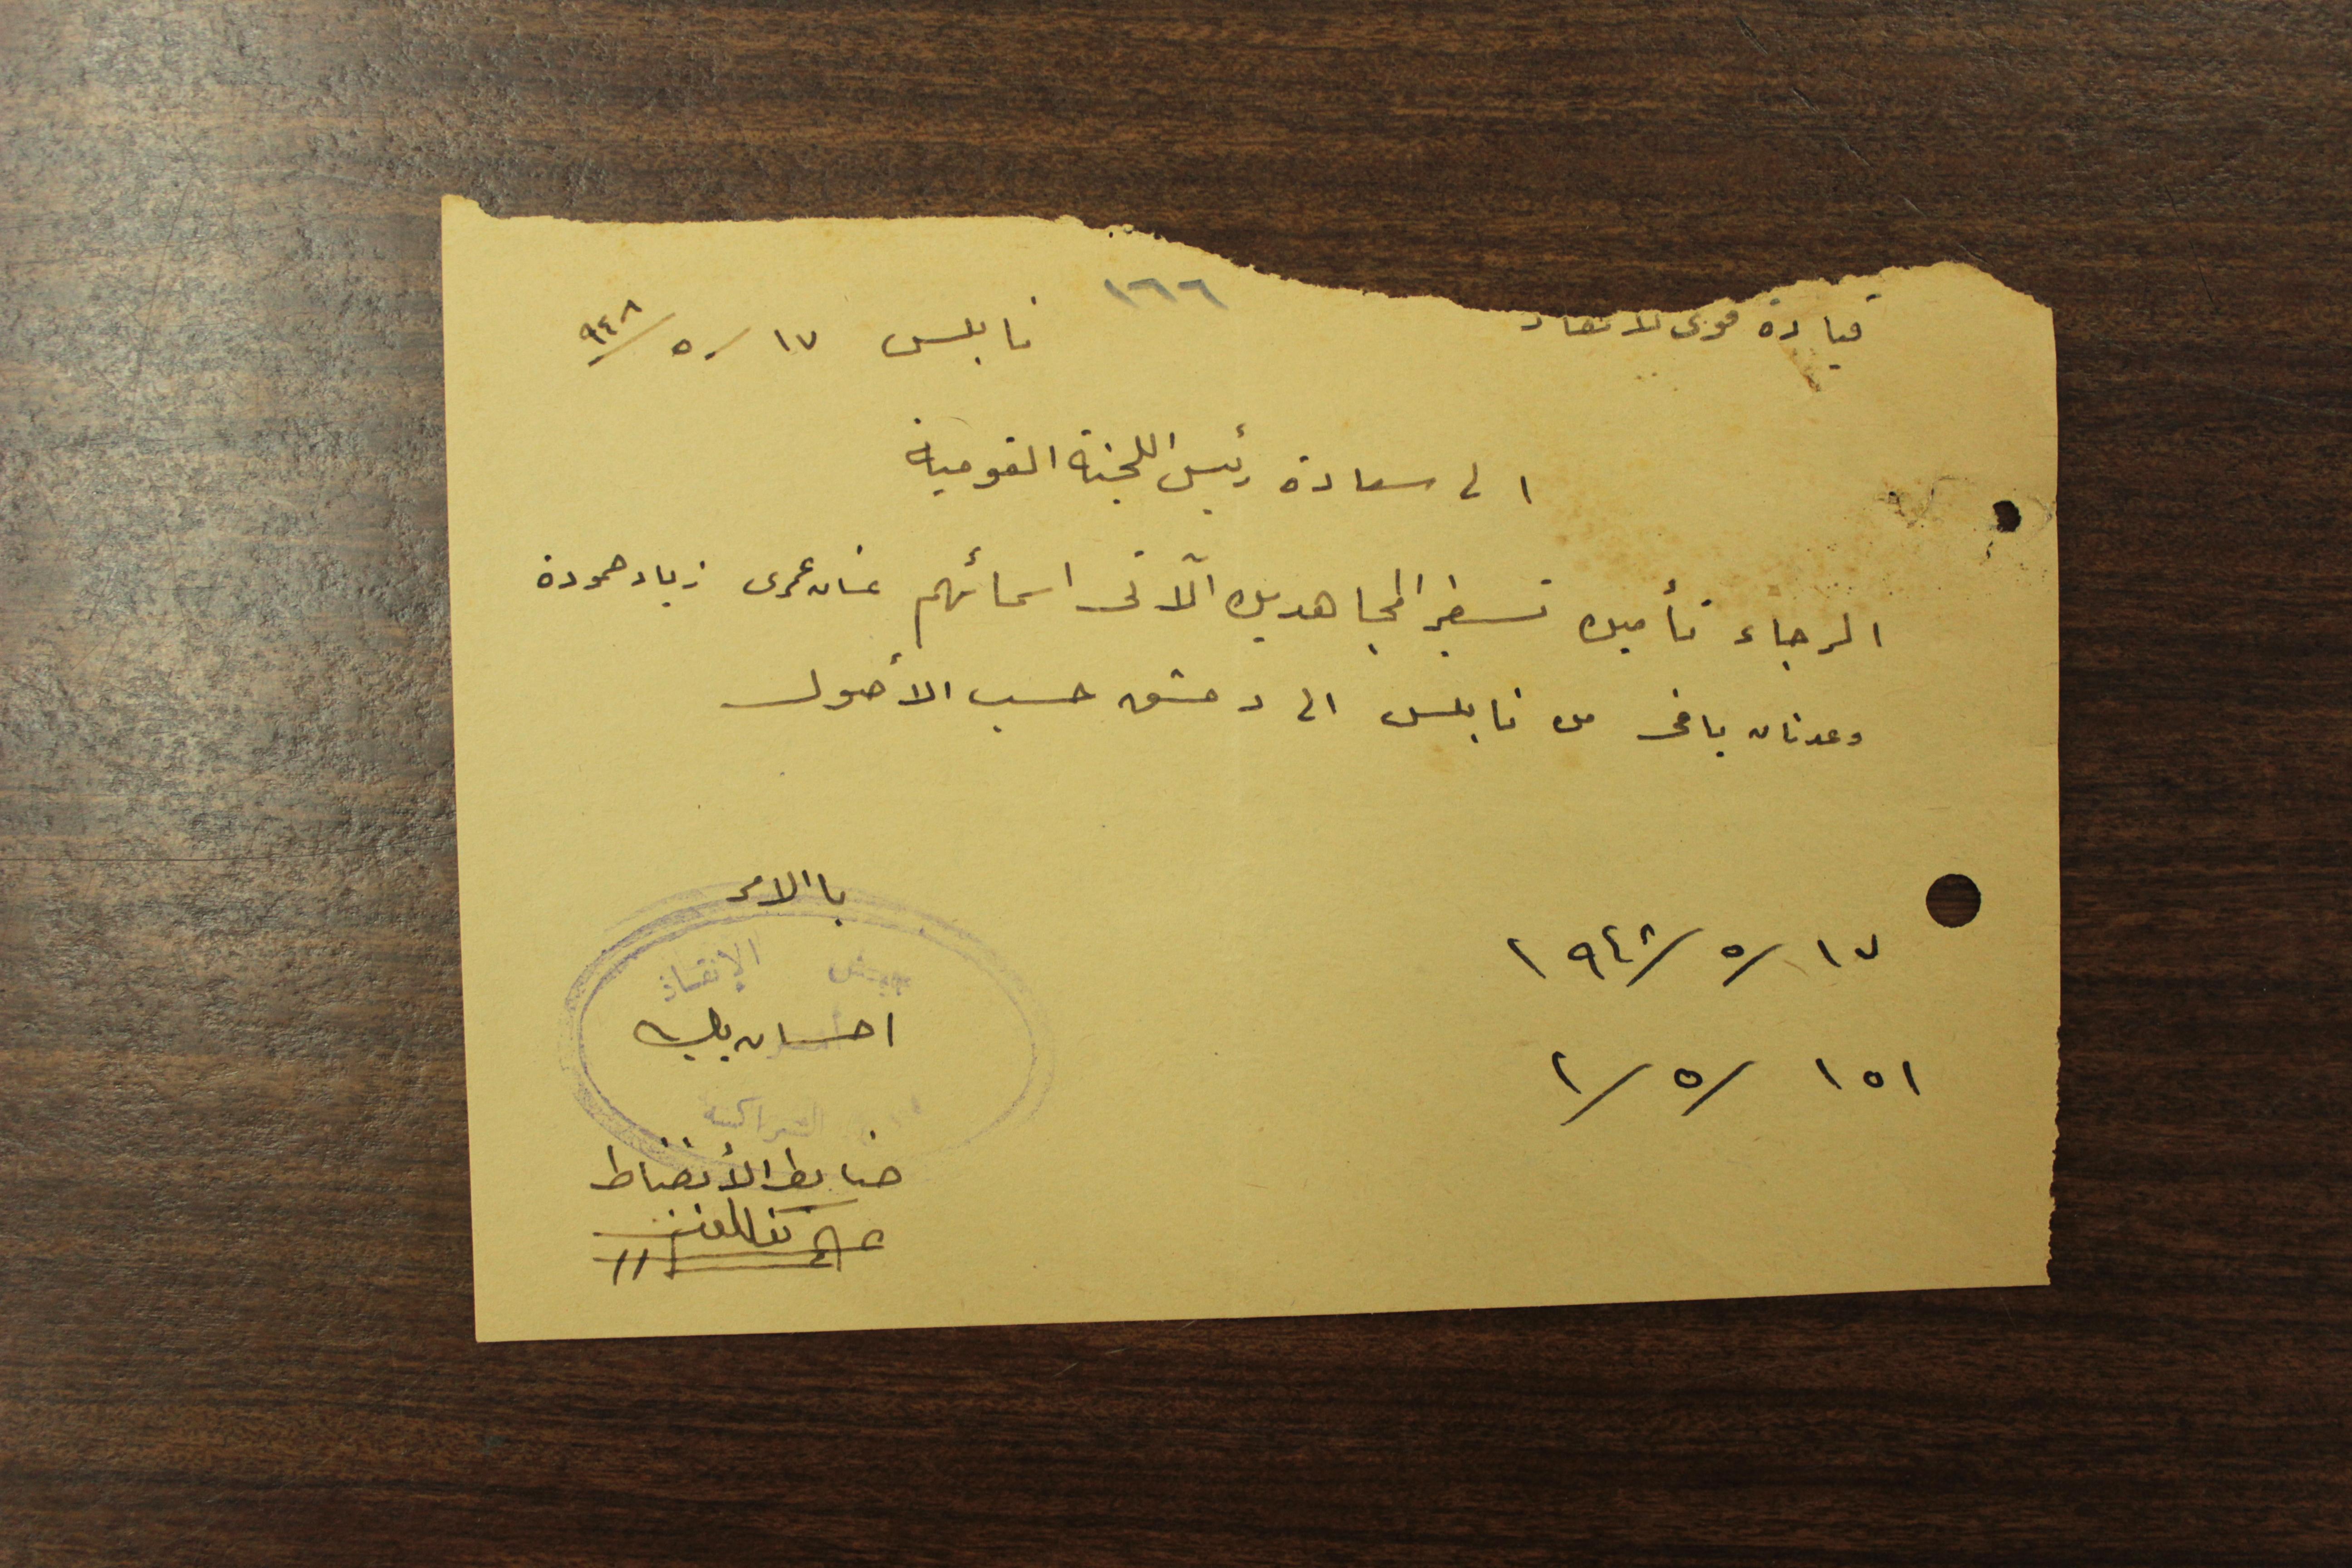 قيادة قوى الانقاذ إلى اللجنة القومية العربية عام 1948 (18).JPG